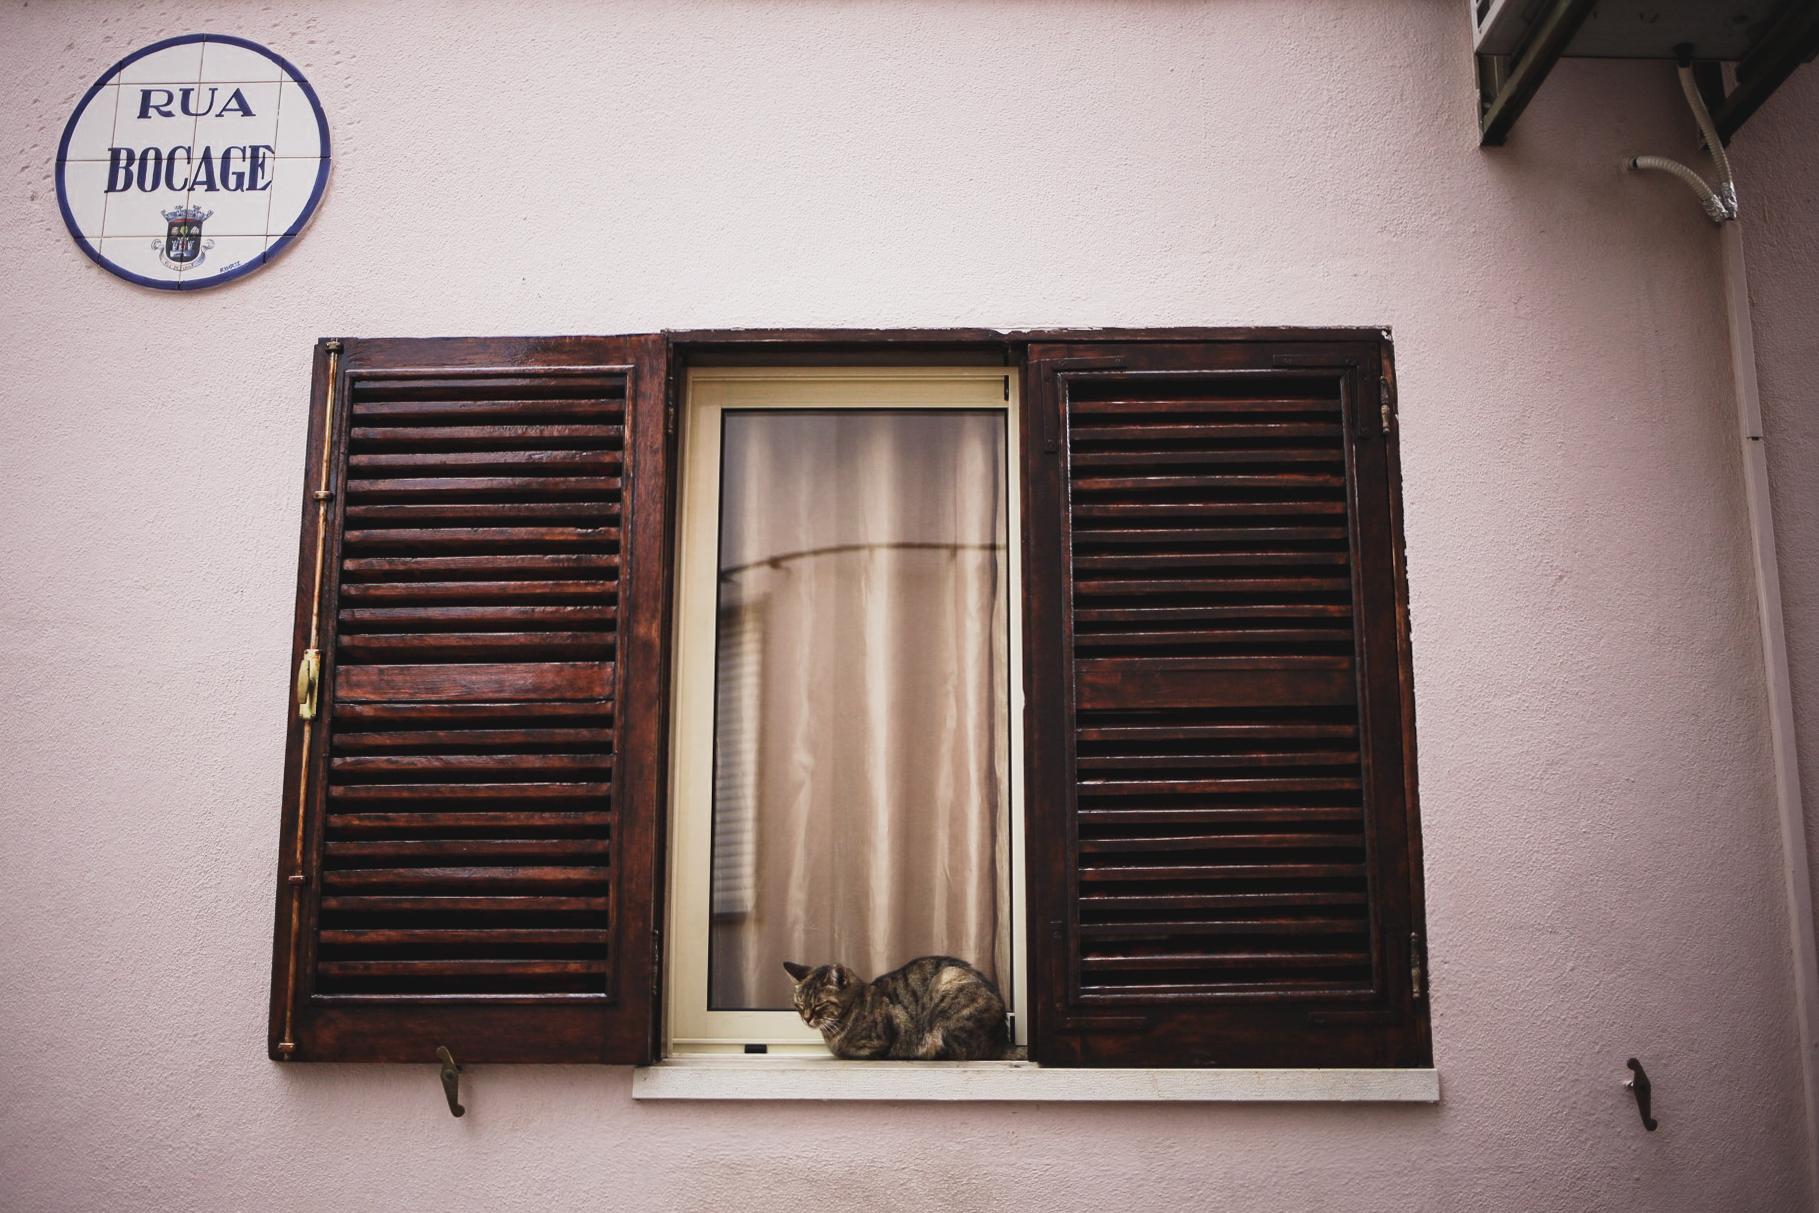 Portugal_IMG_7235_Carolin-Weinkopf